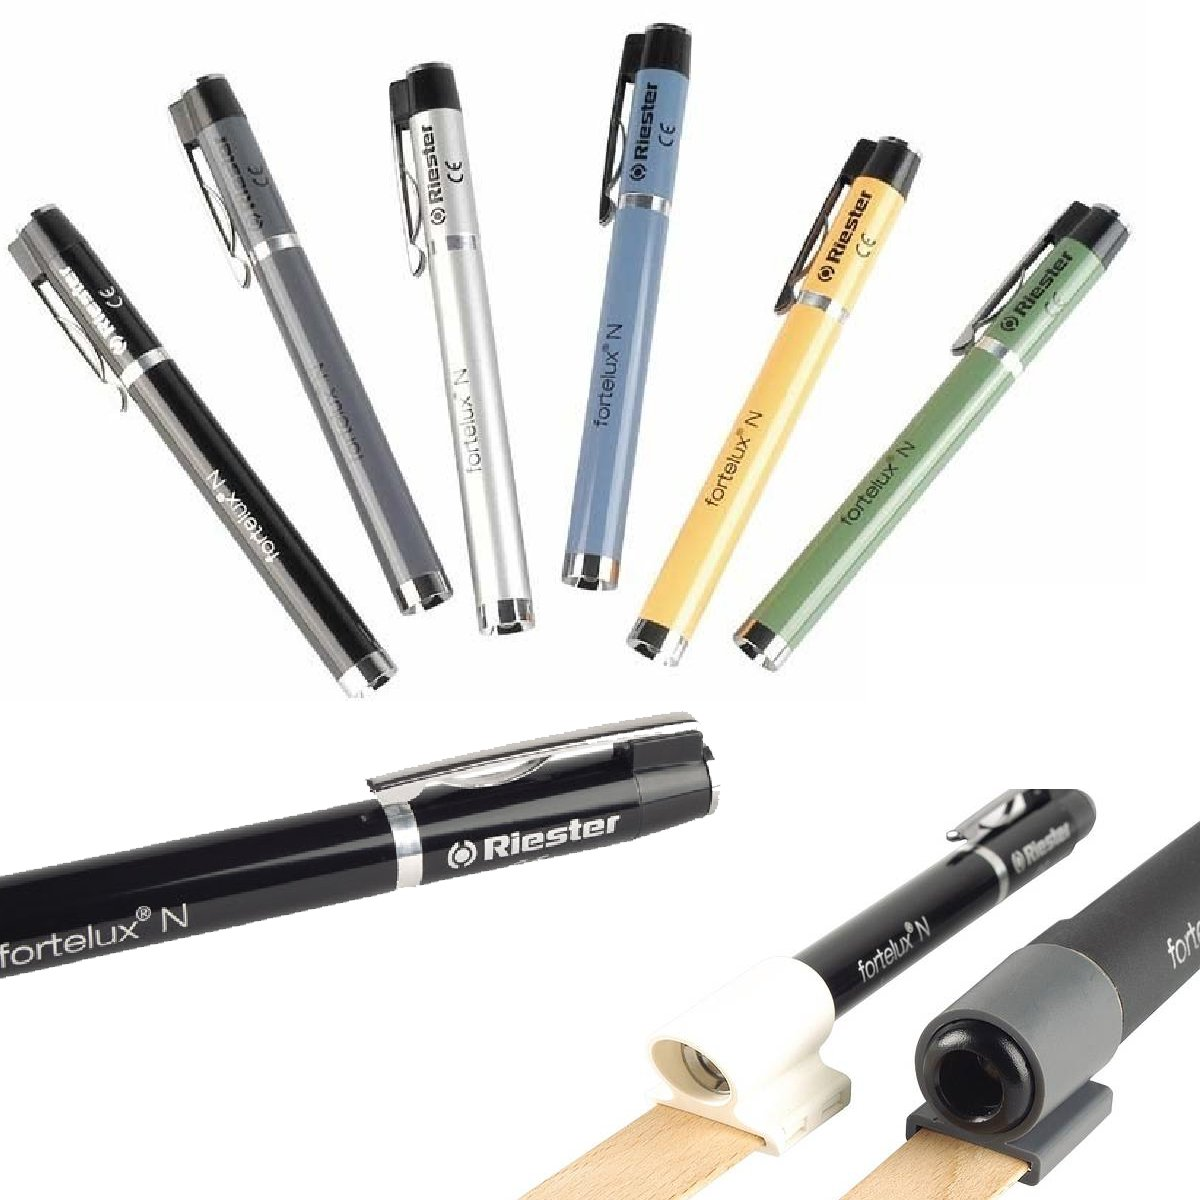 פנס עט ריסטר מקצועי